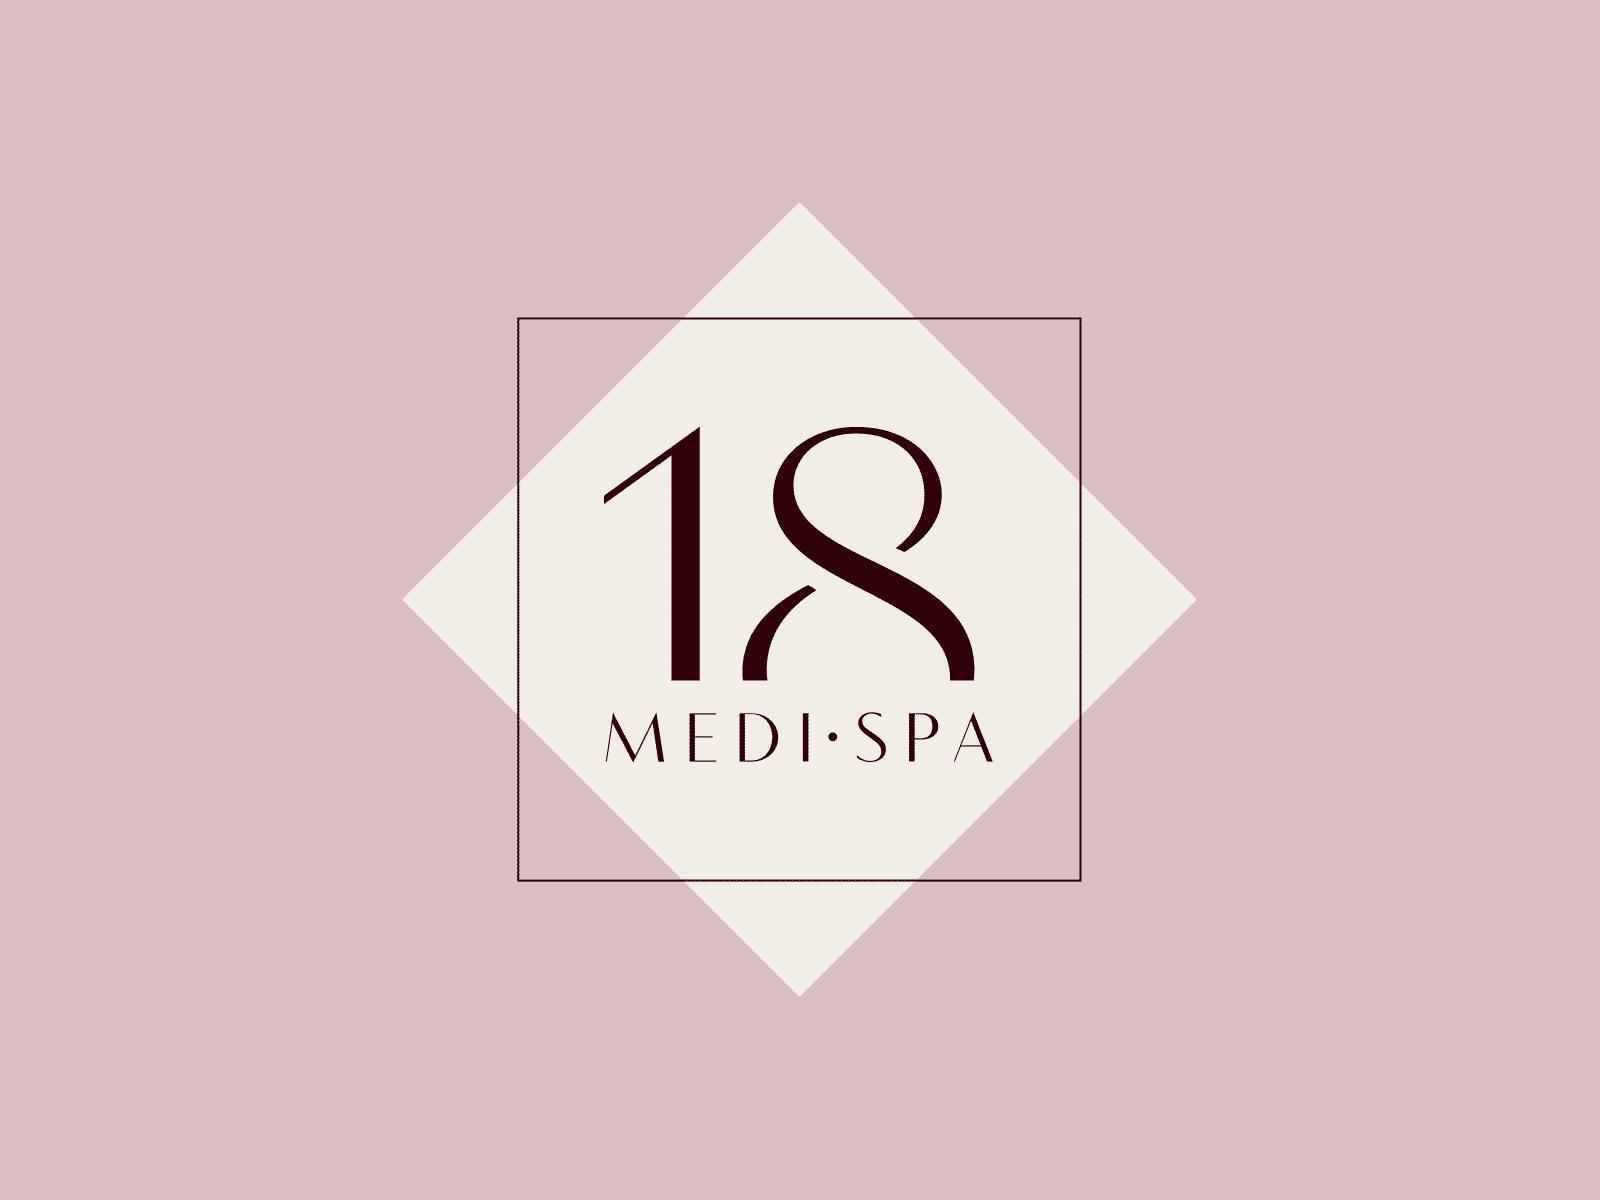 18 Medi Spa Logo Design